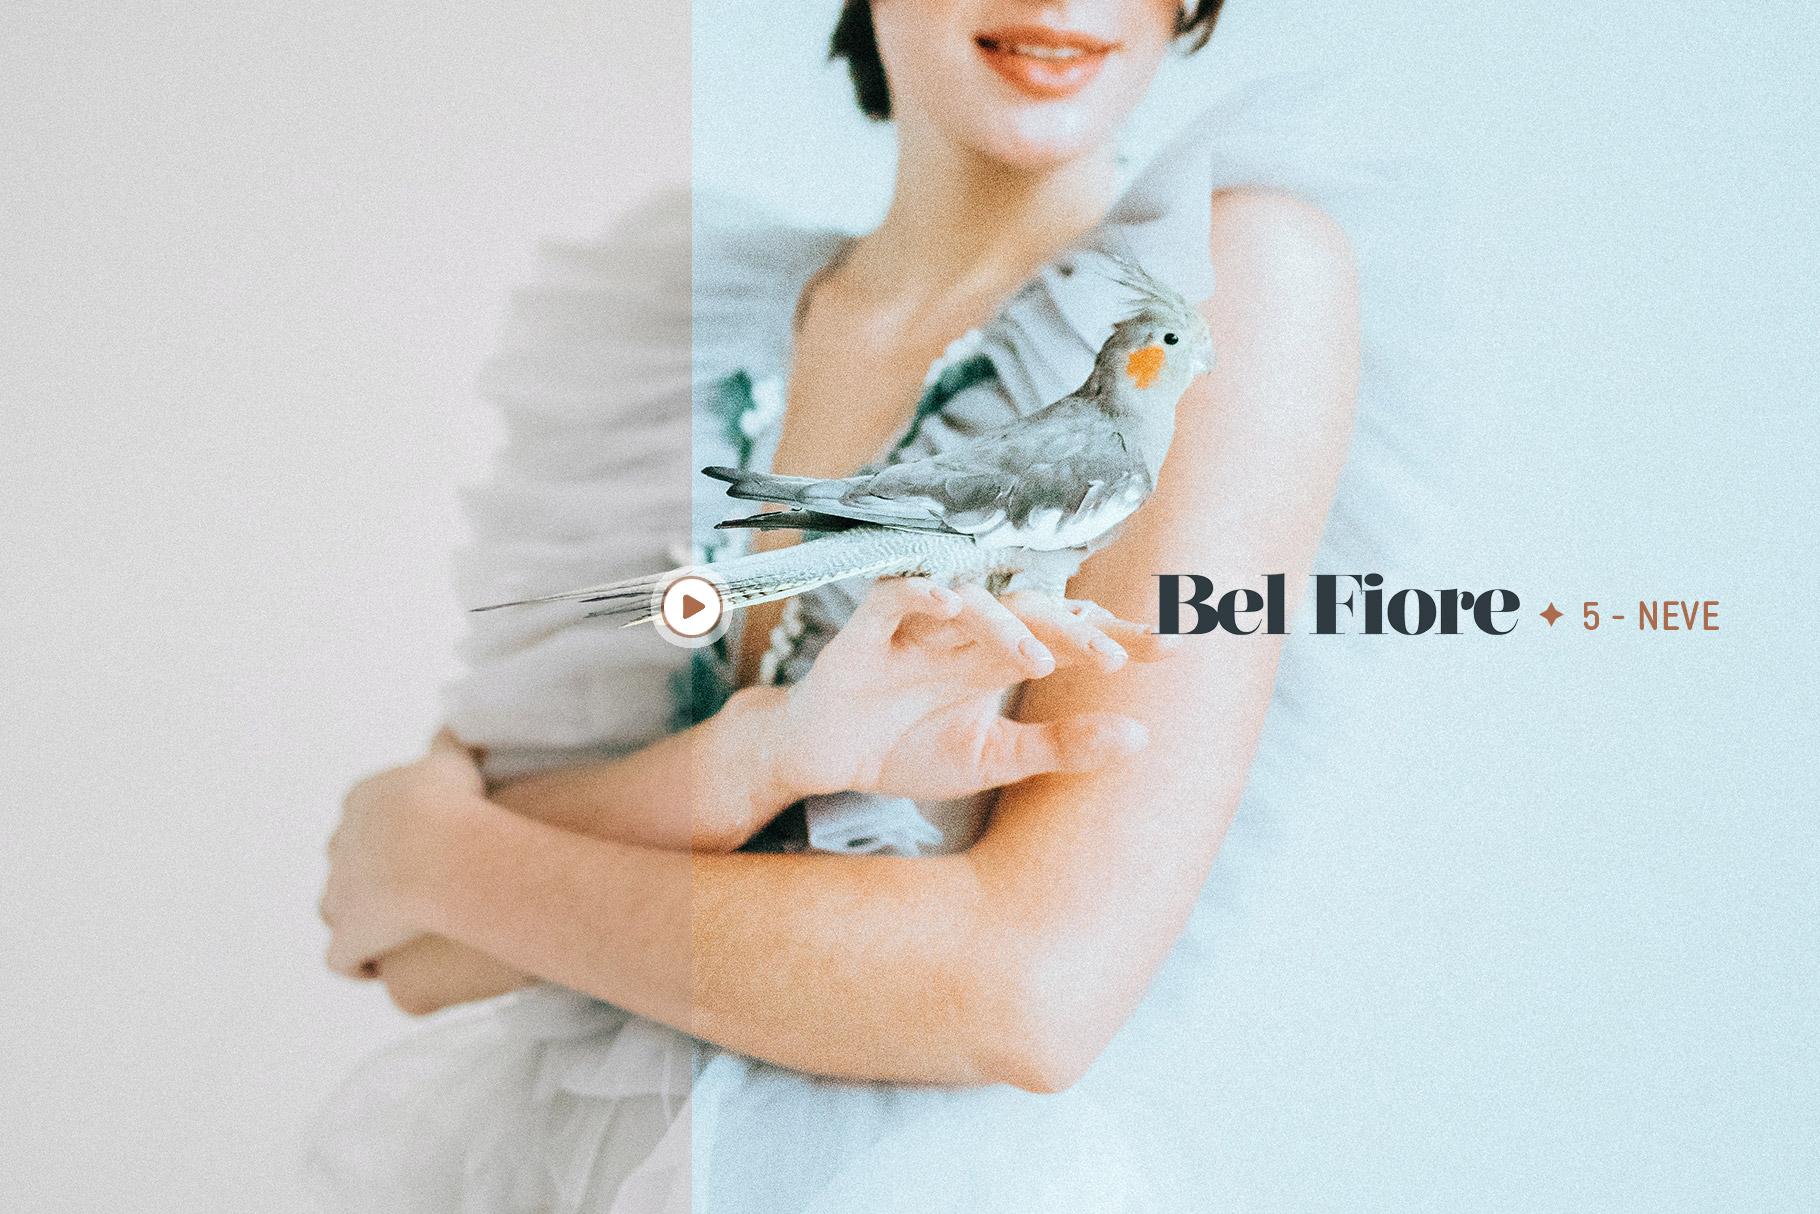 belfiore_preview_05